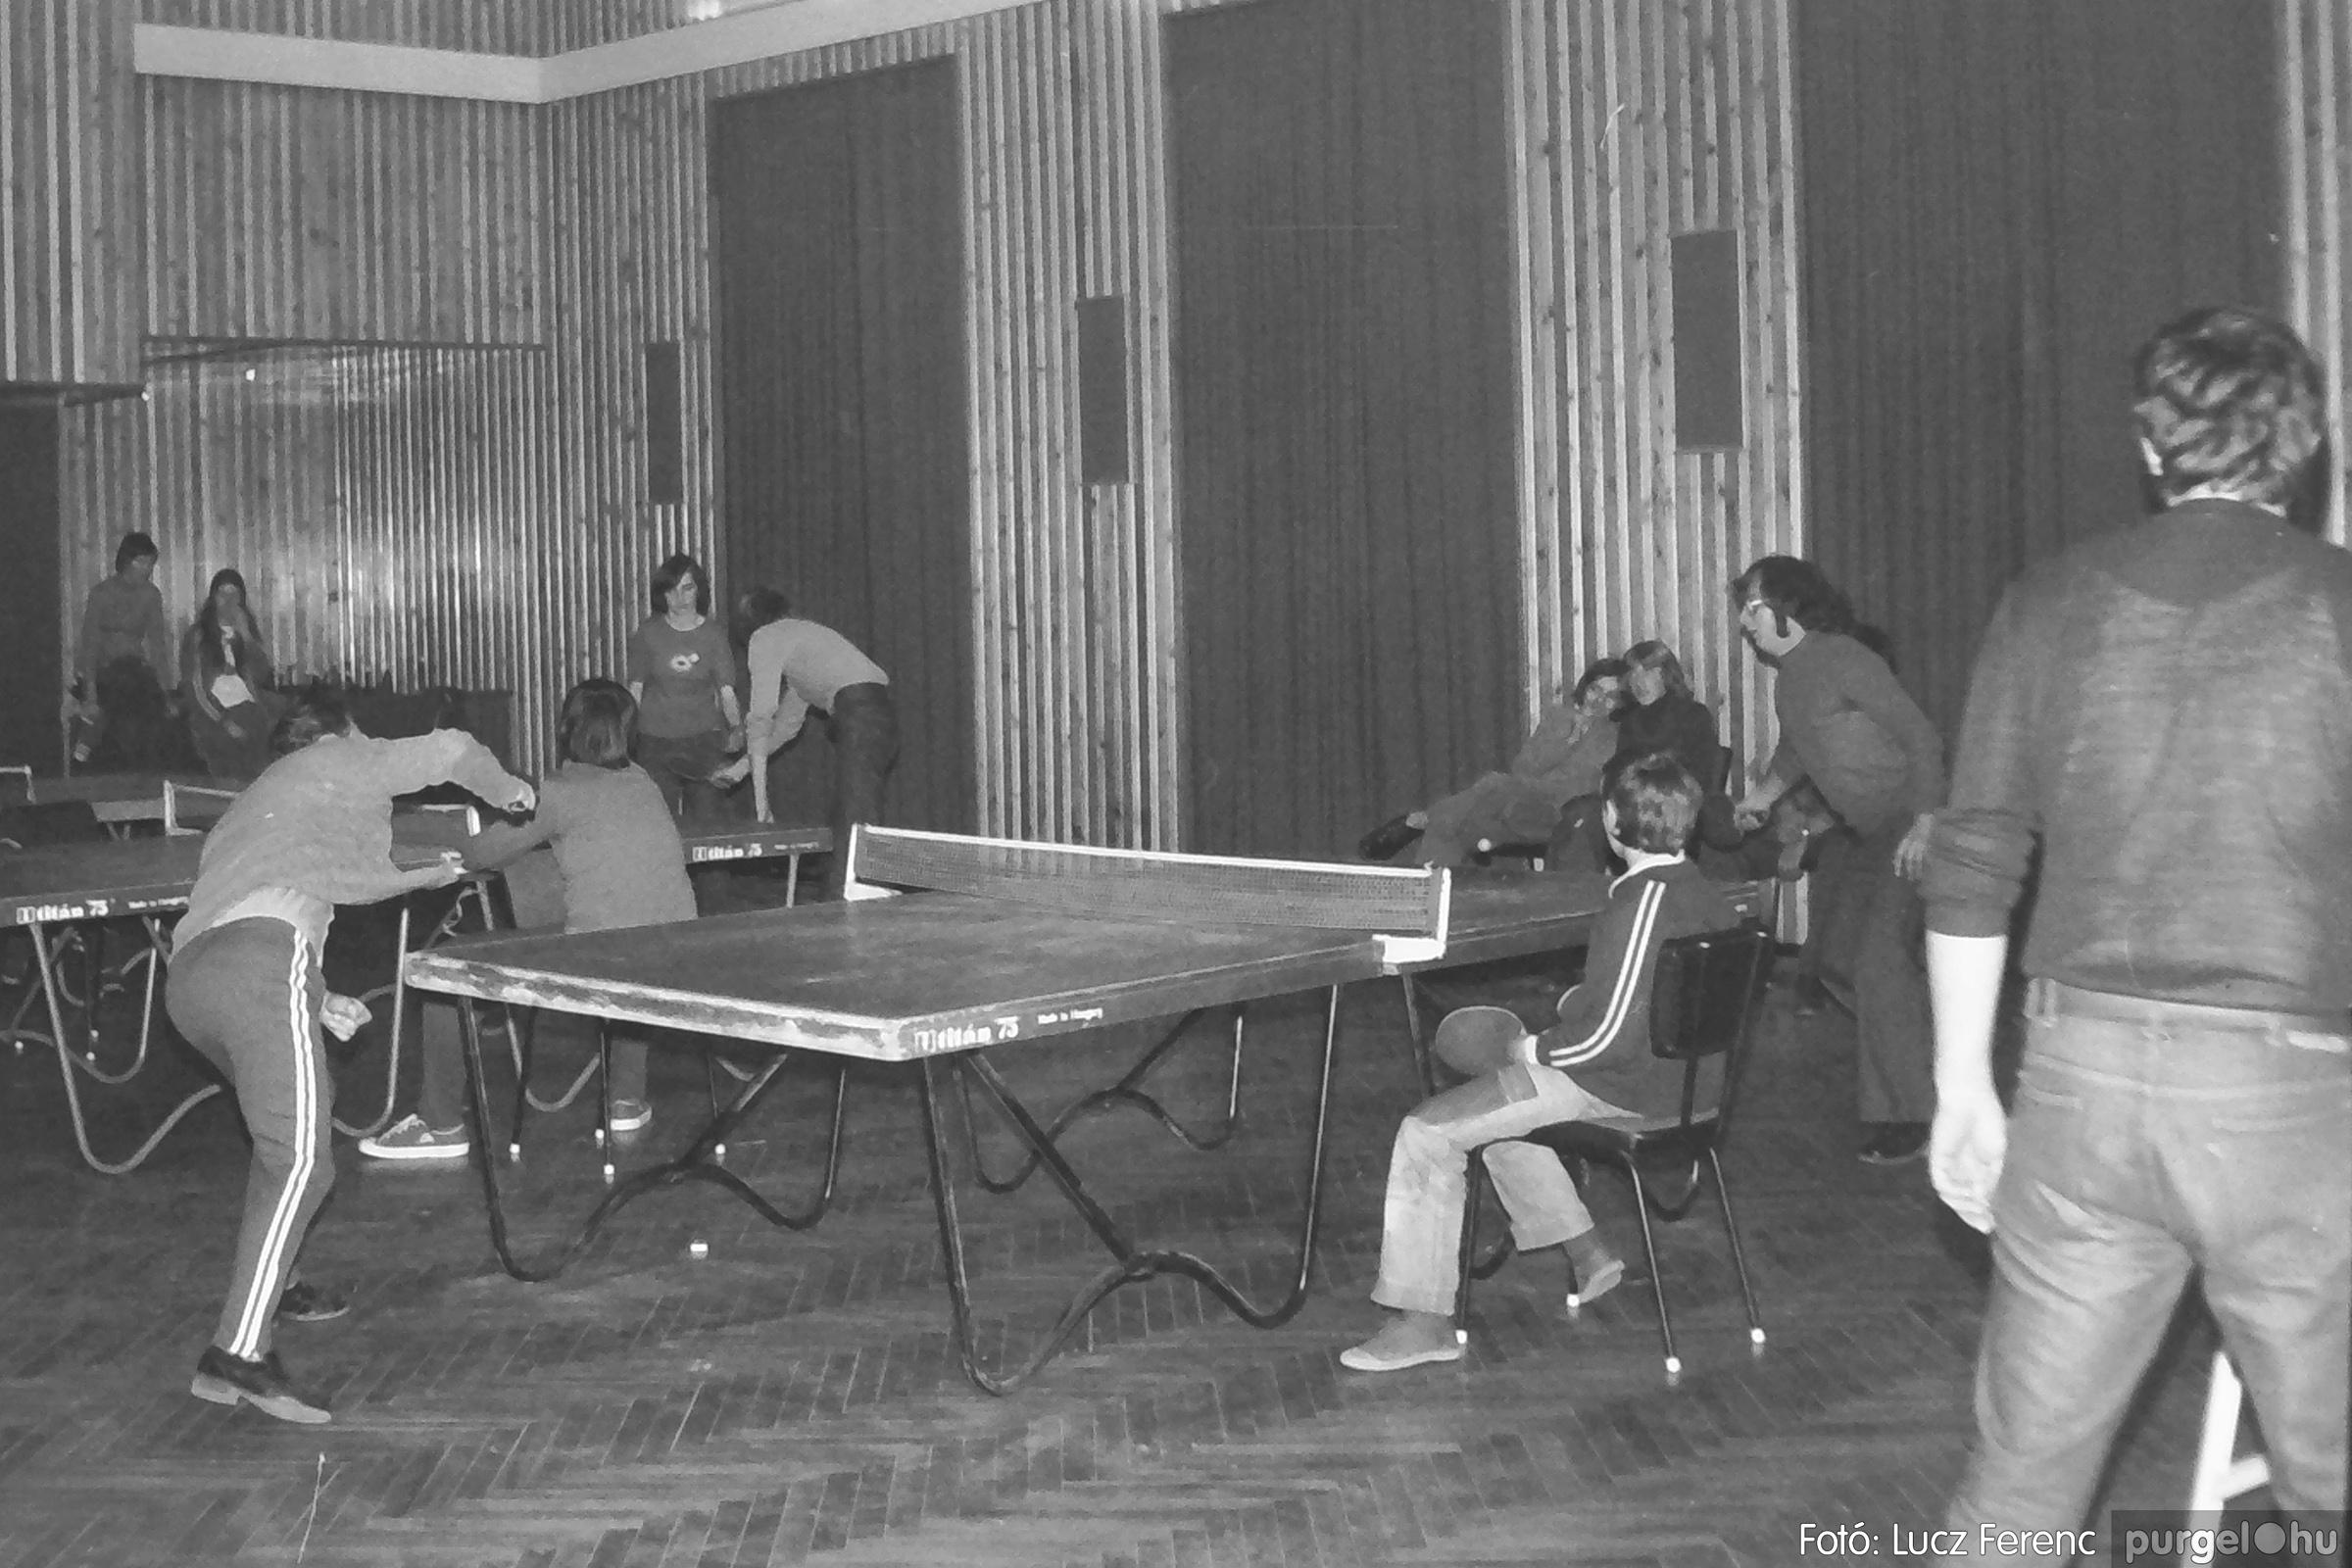 100. 1978. Asztaltenisz verseny 003. - Fotó: Lucz Ferenc.jpg